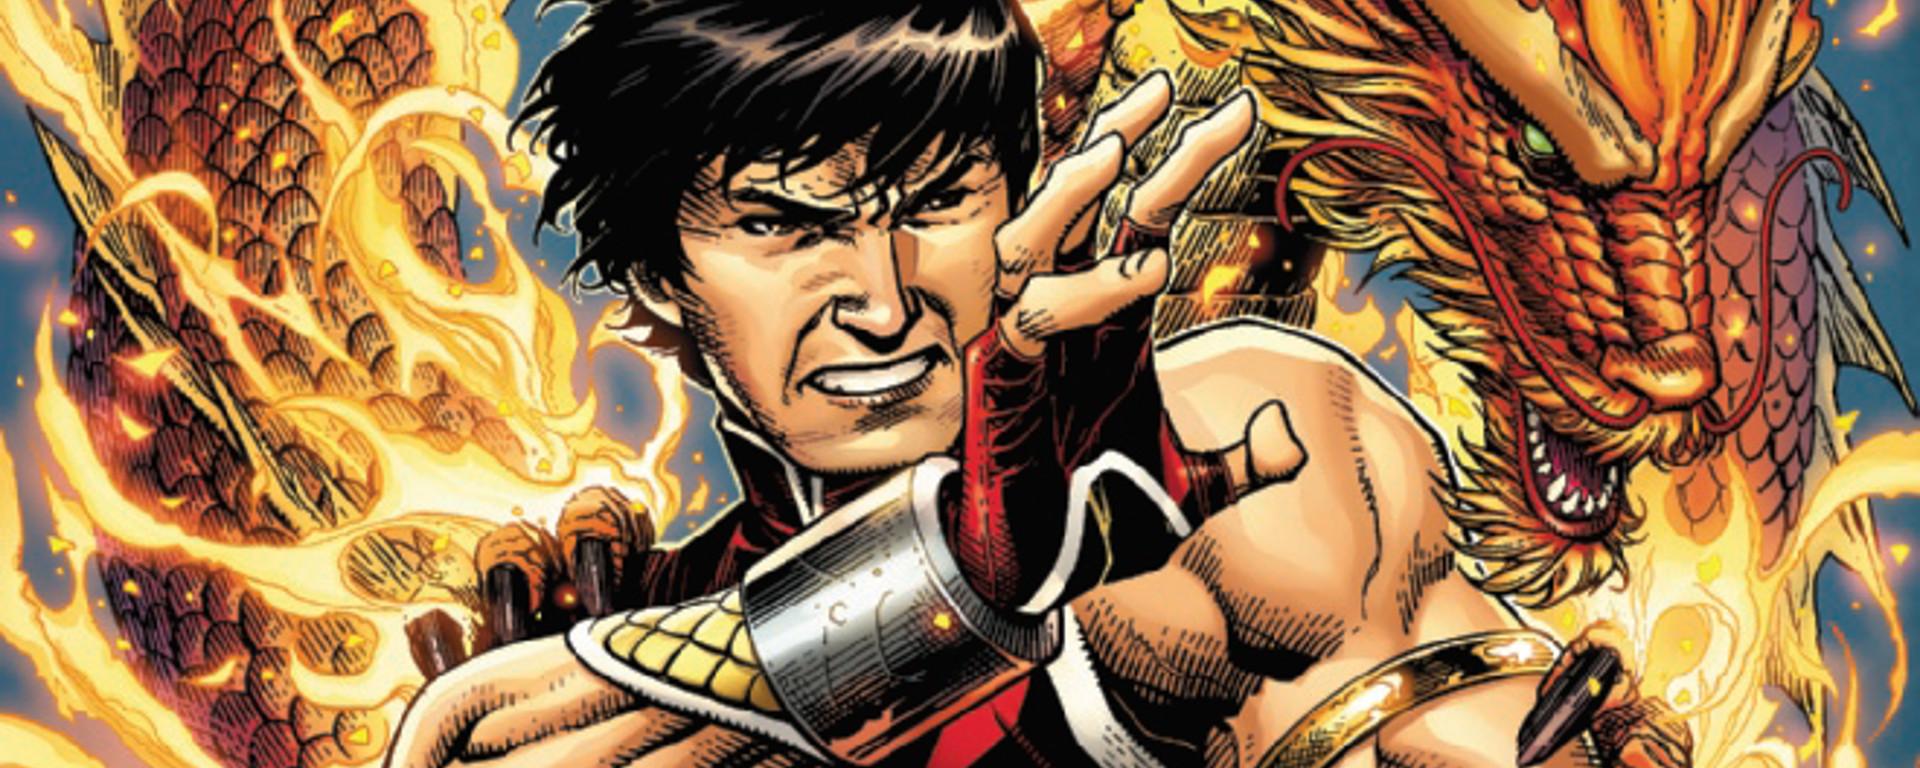 Shang-Chi #1 Header